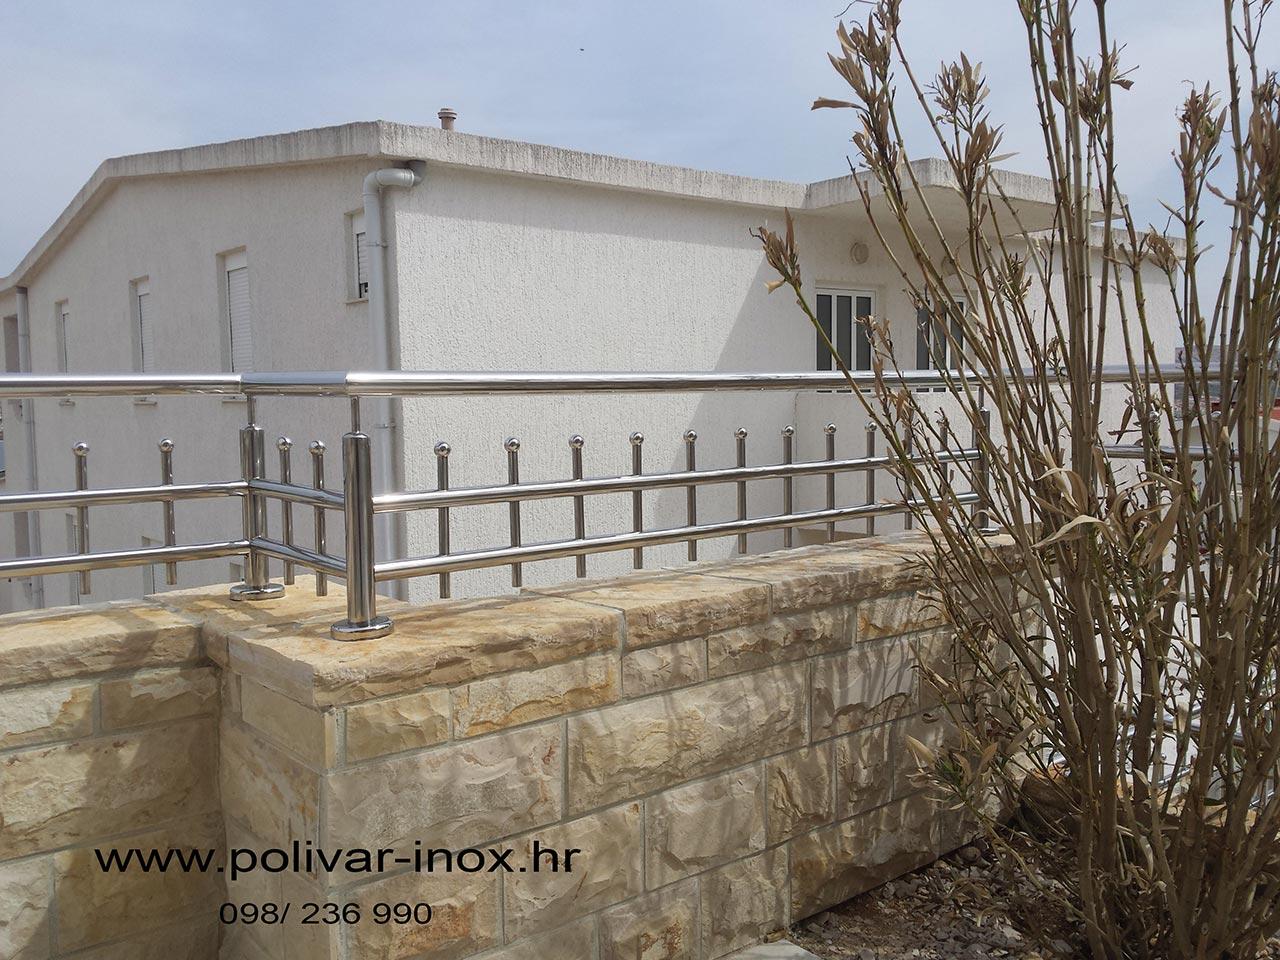 Inox vanjska ograda na podestu sa okomitim ispunama i kuglicama